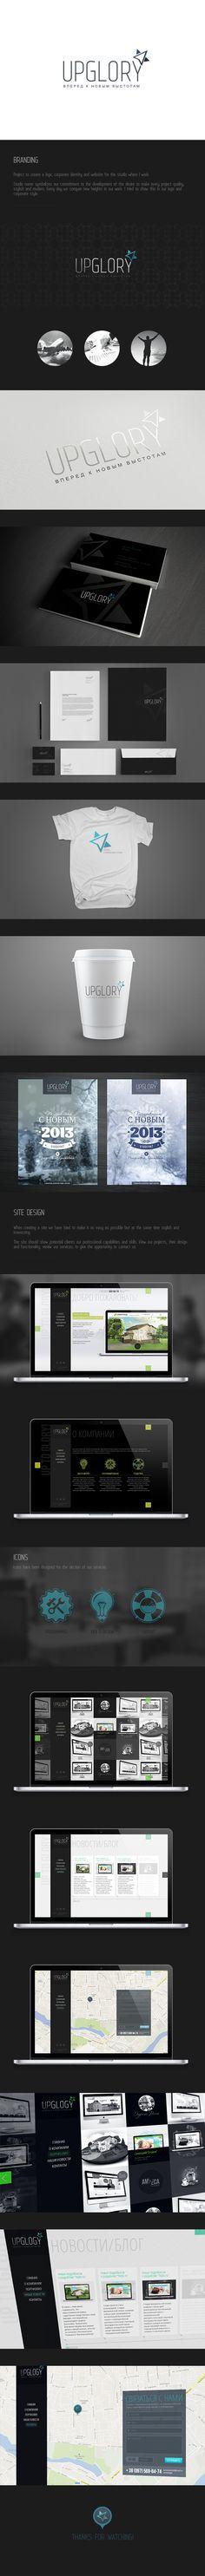 Upglory Studio on Behance